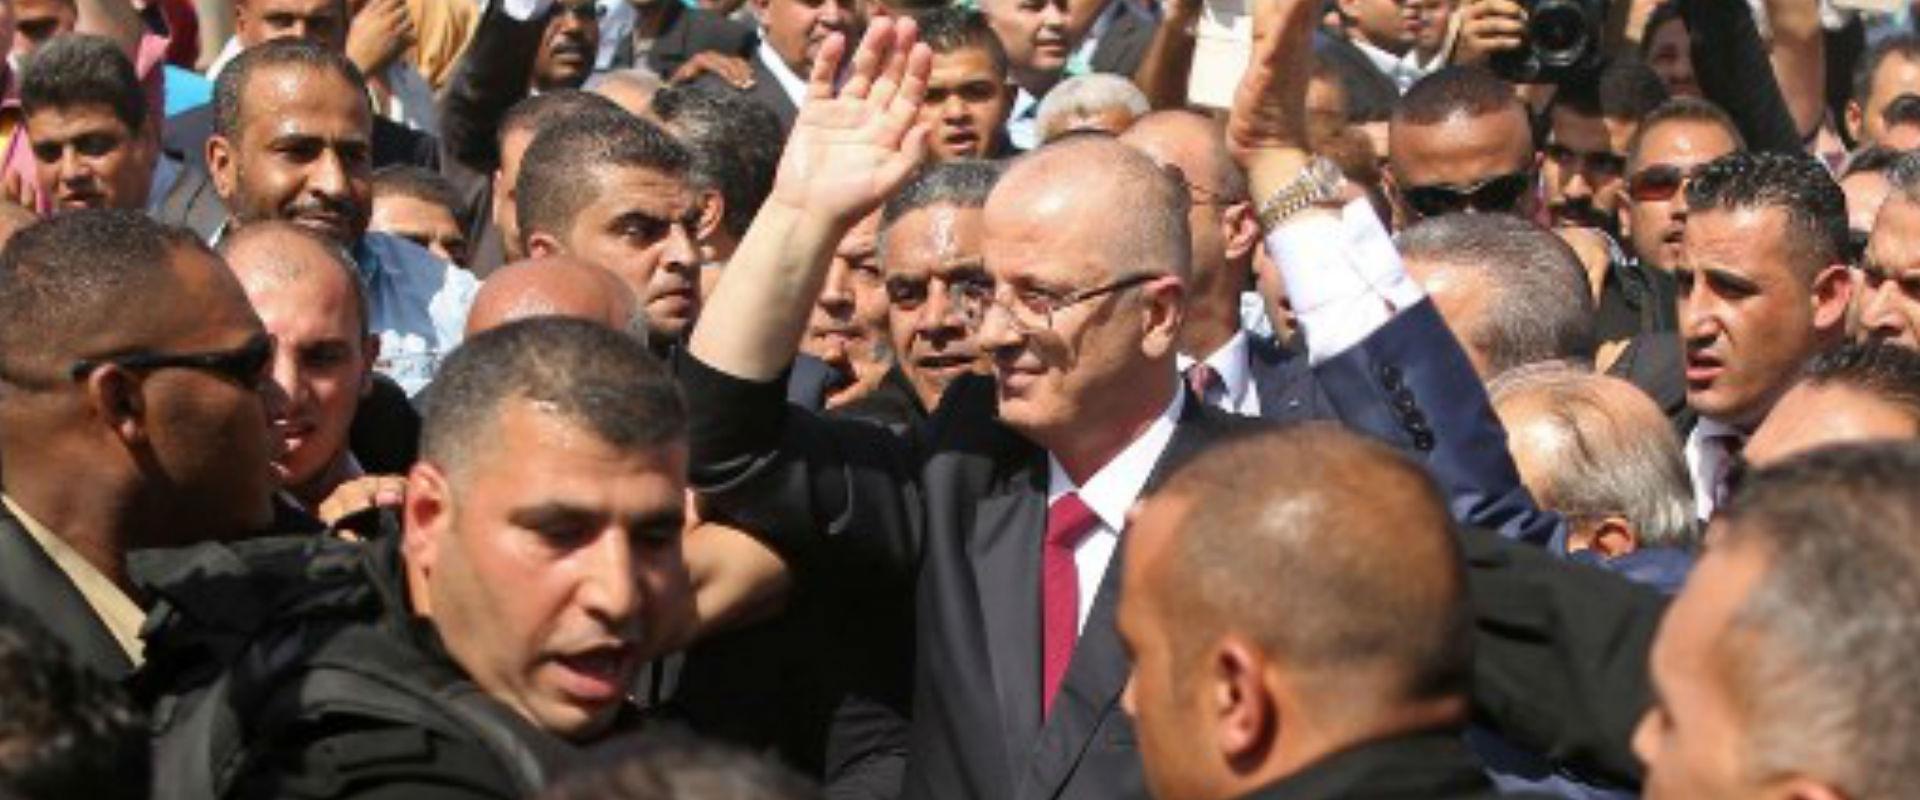 ראמי חמדאללה מגיע לרצועת עזה